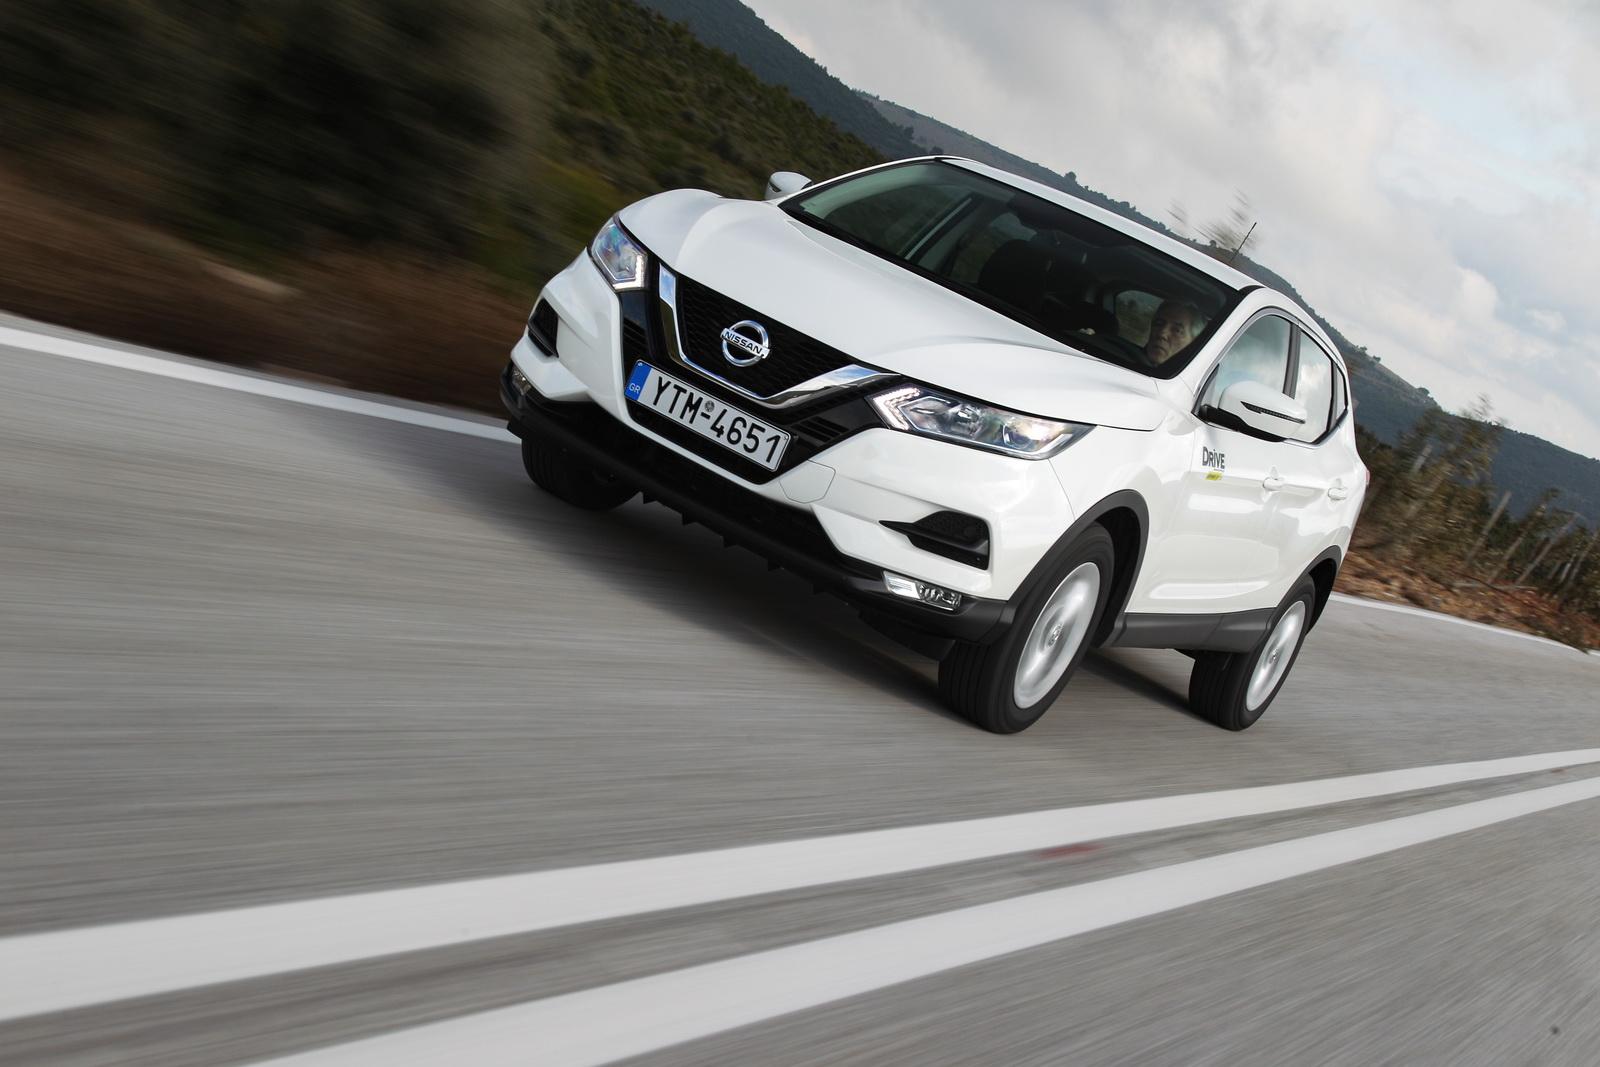 Αυτά είναι τα SUV που επέλεξαν να αγοράσουν οι περισσότεροι Έλληνες το 2020